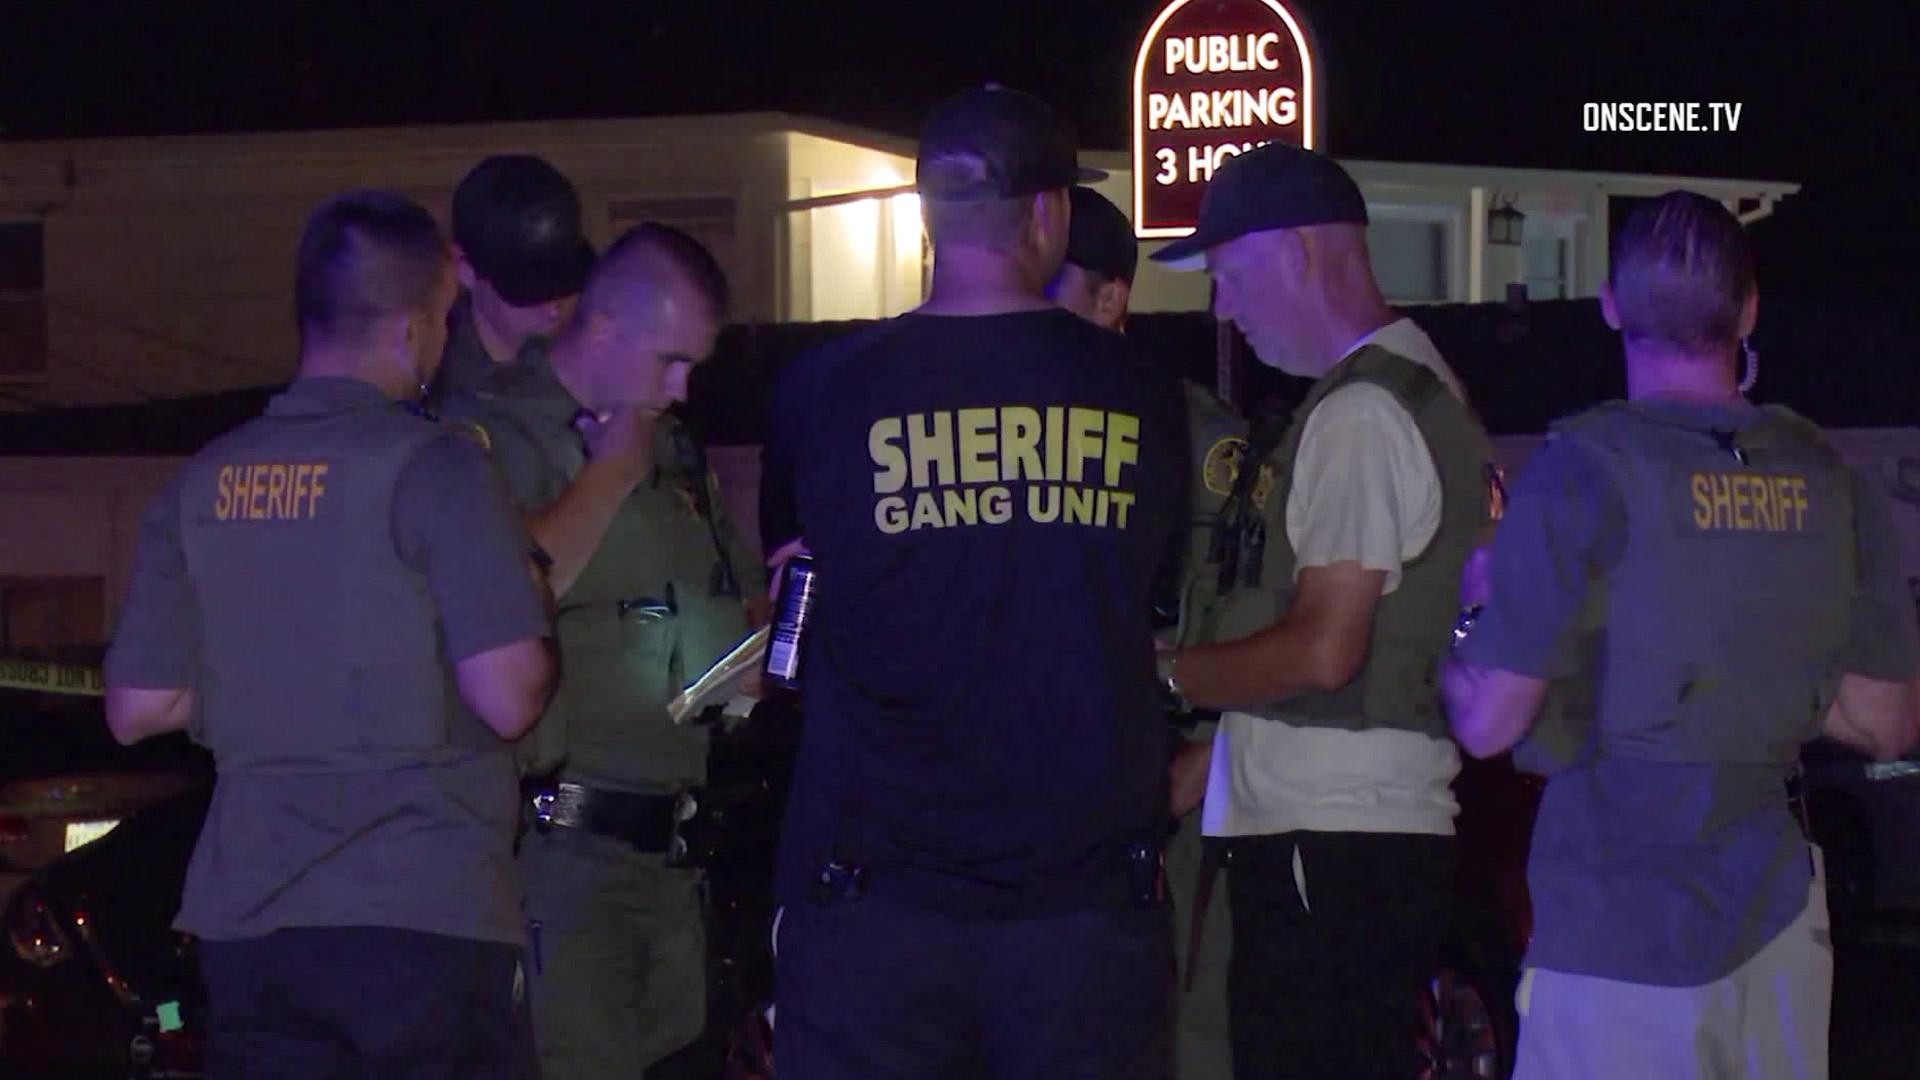 Deputies respond to a stabbing in San Clemente on Aug. 4, 2018. (Credit: OnScene.TV/KTLA)